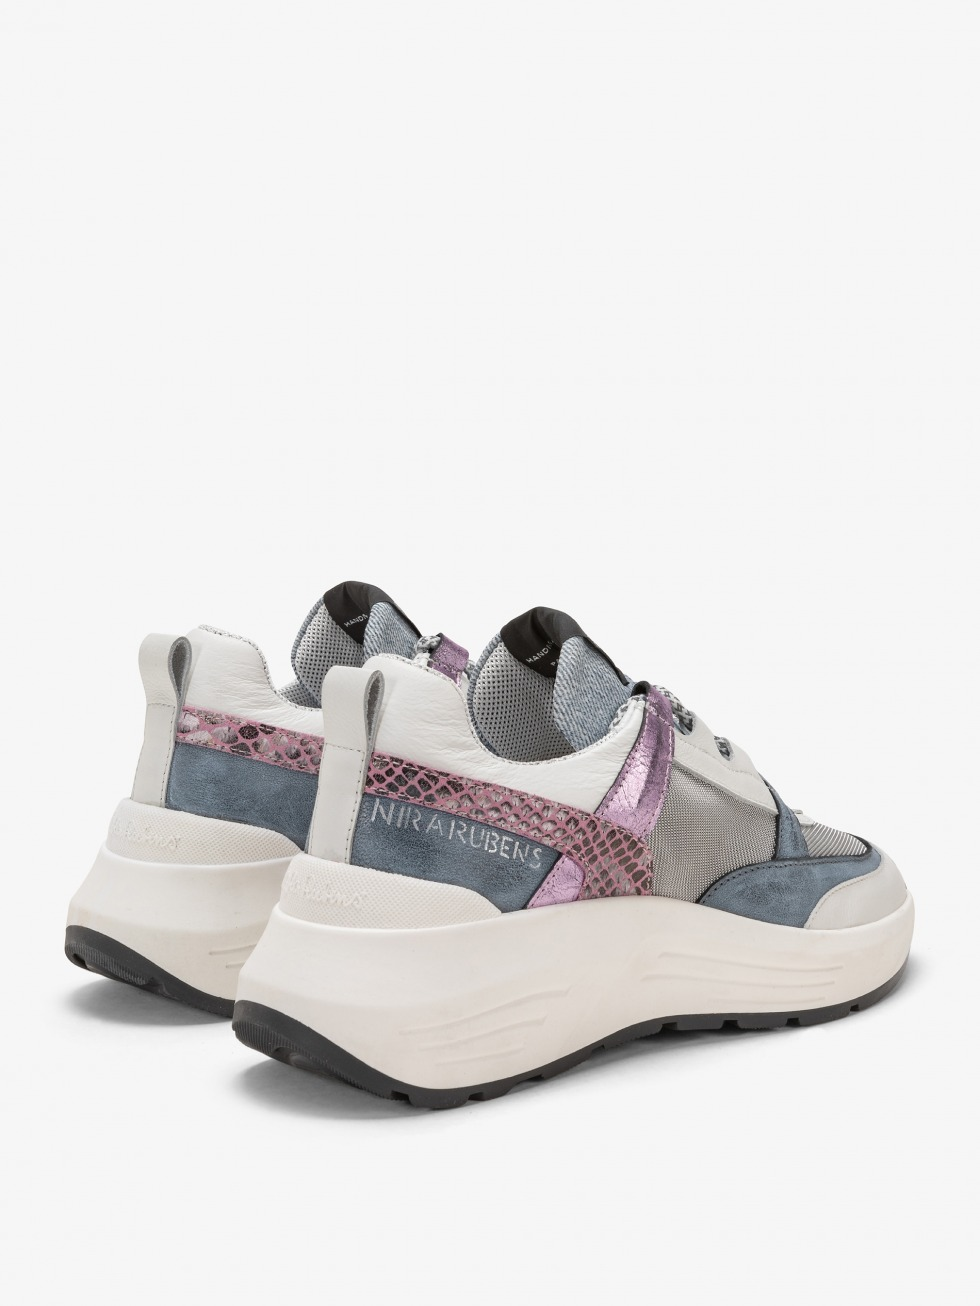 Kir Chunky Sneakers Teti - Nira